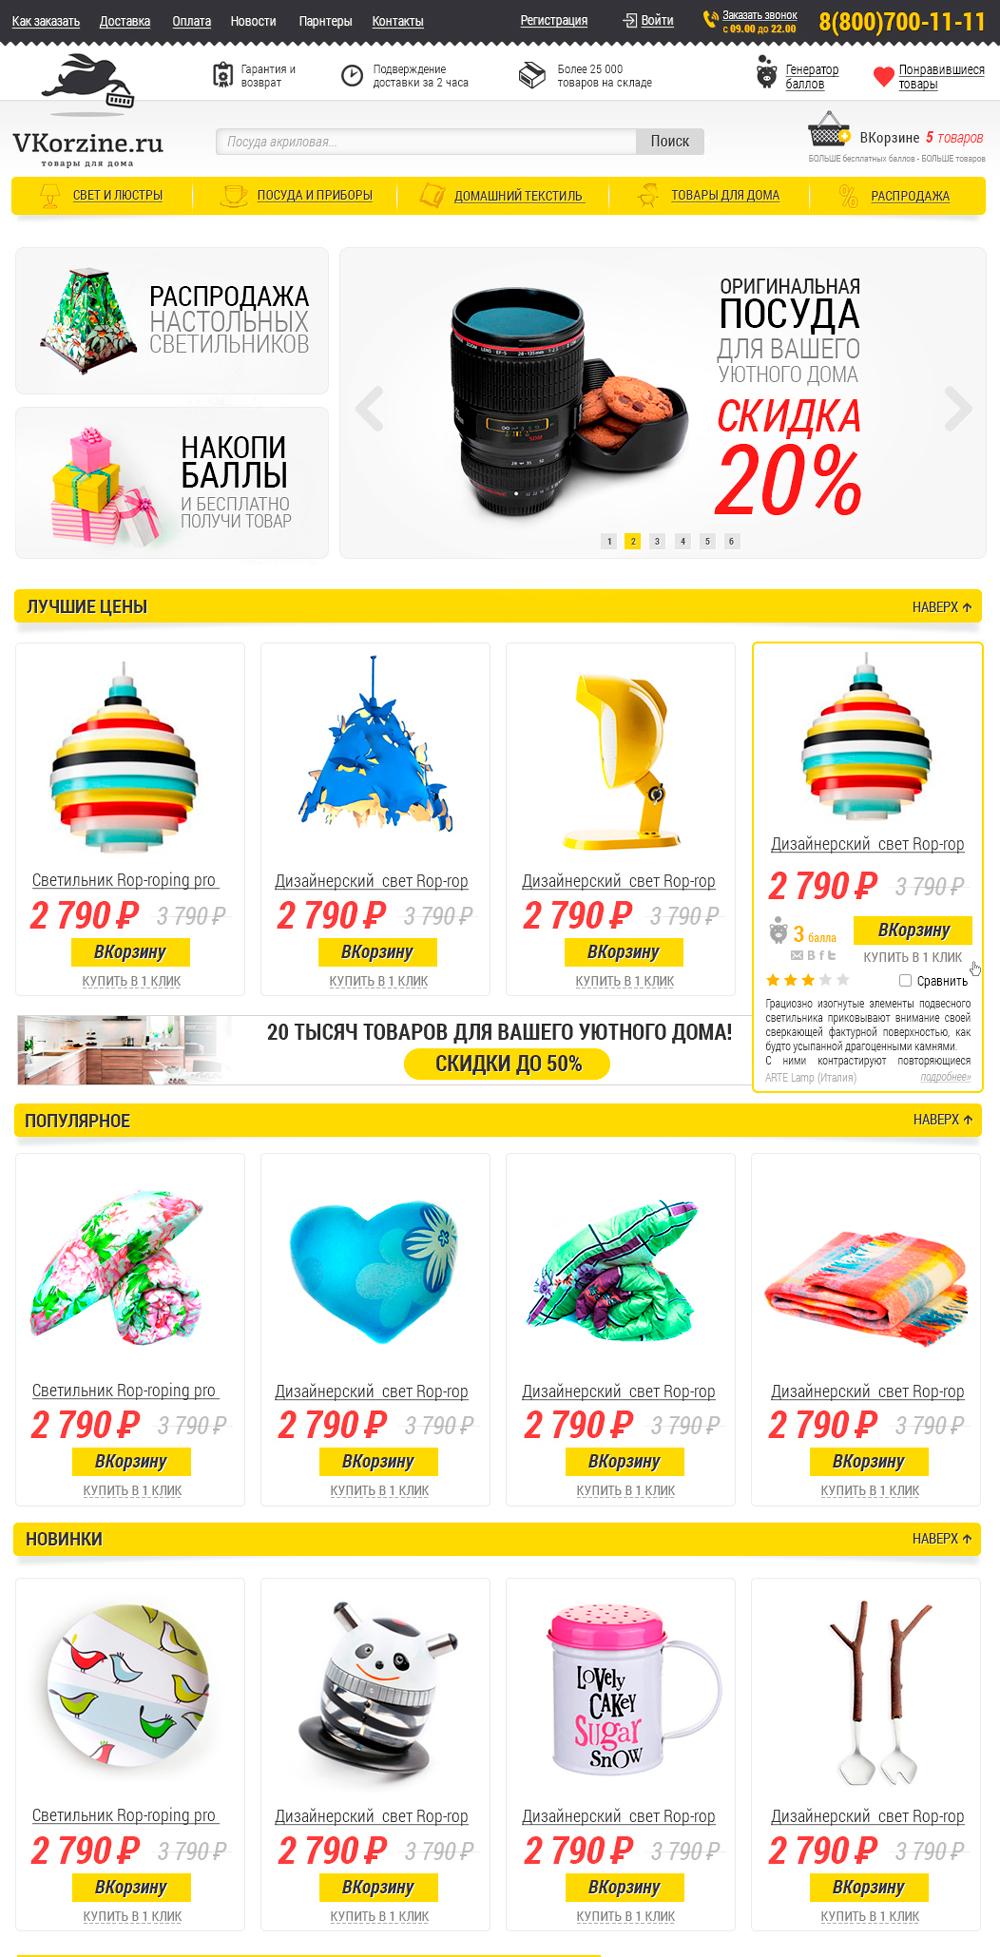 Интернет магазин товаров для дома